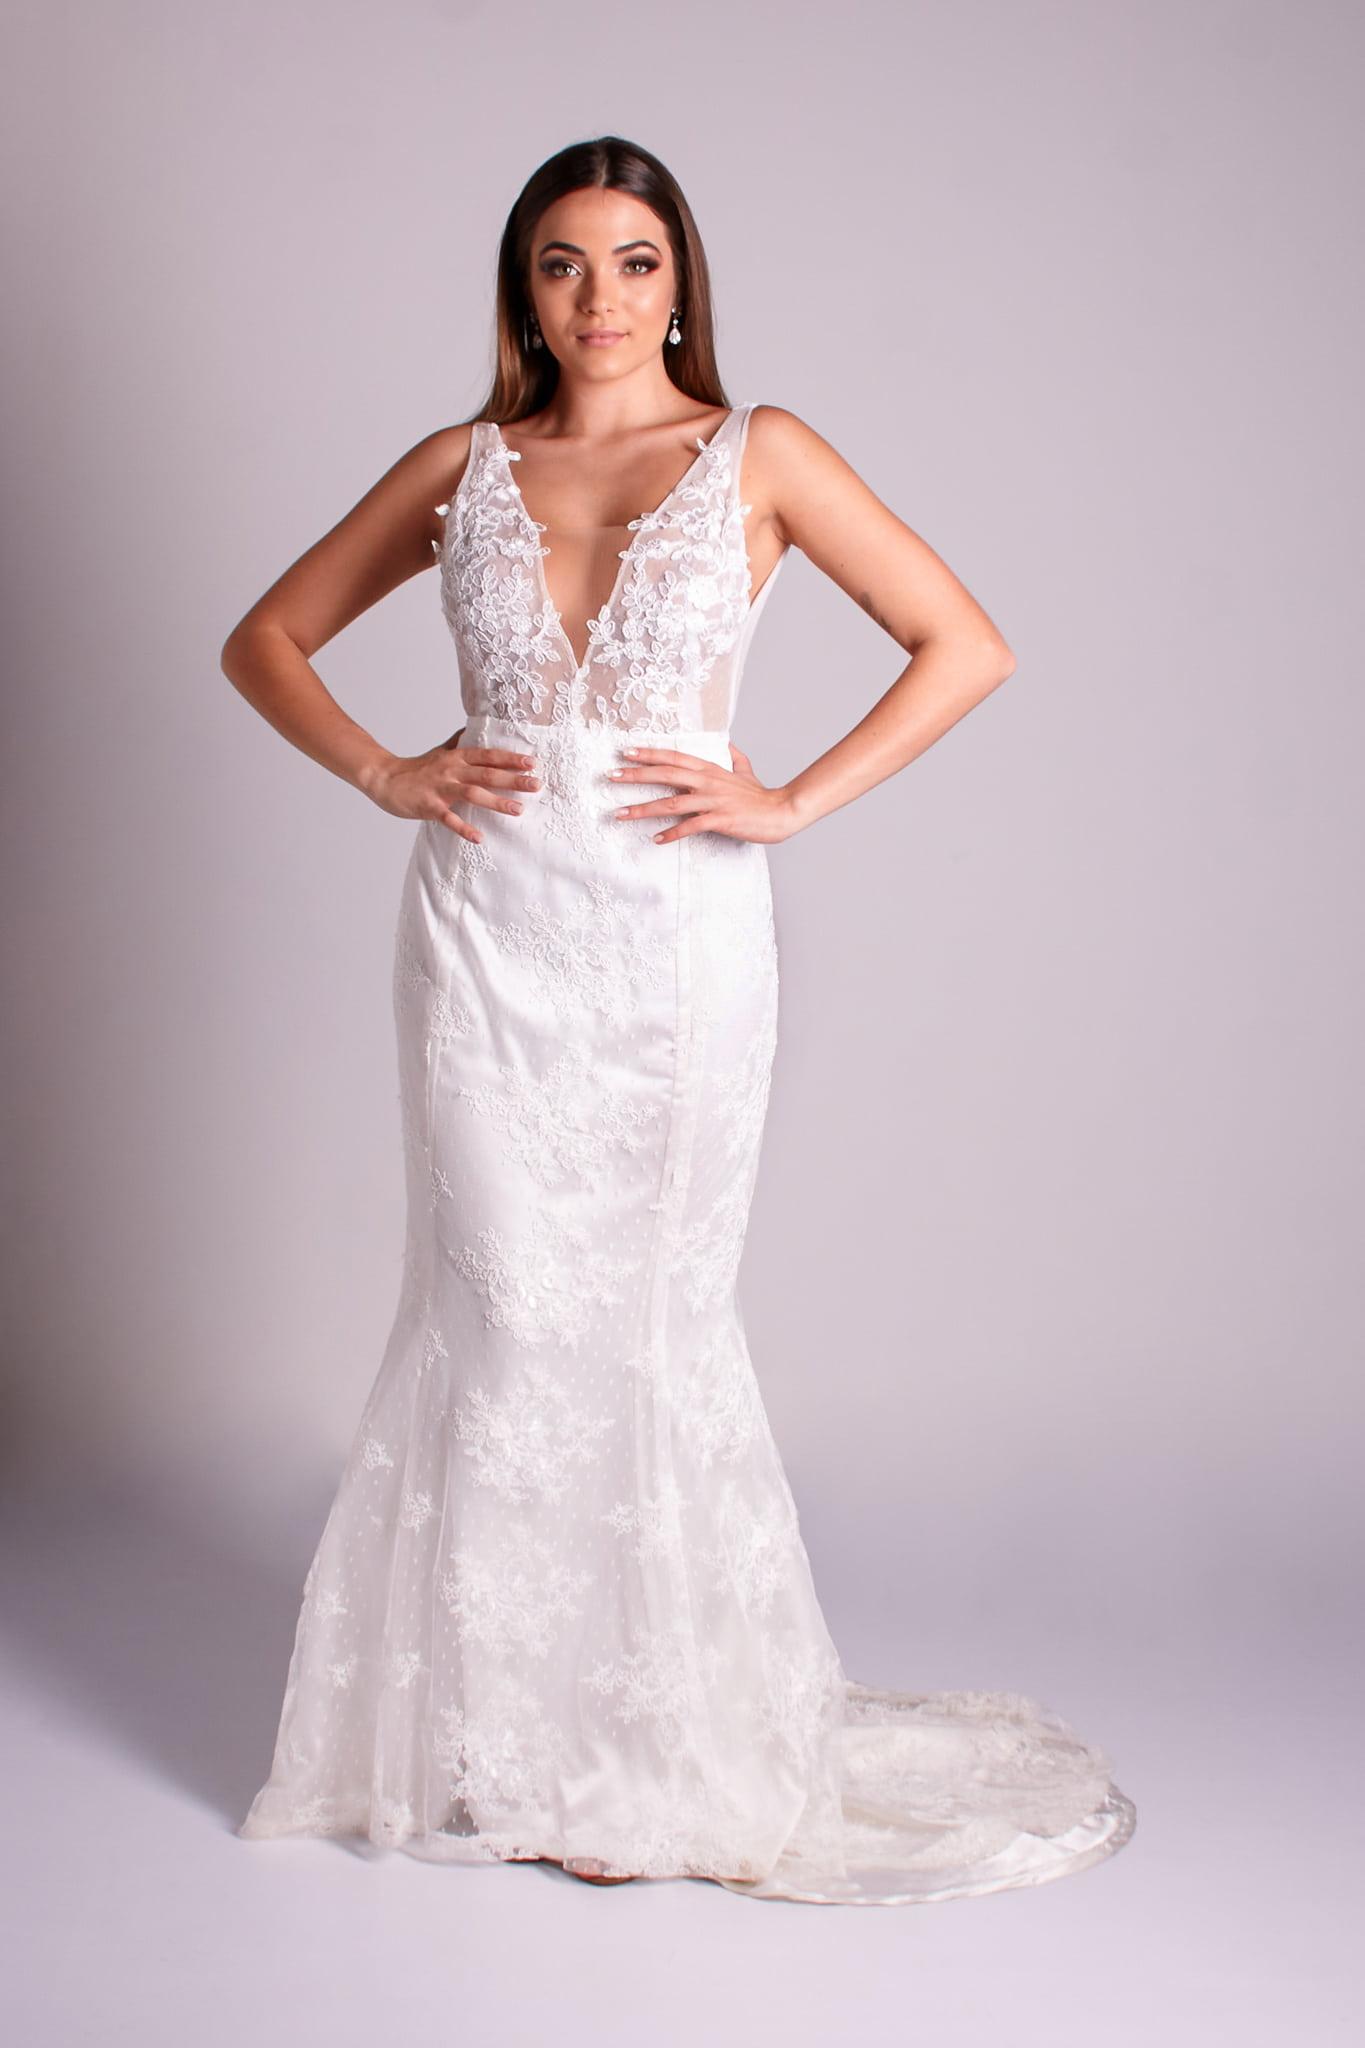 4 - vestido de renda branco estilo boho